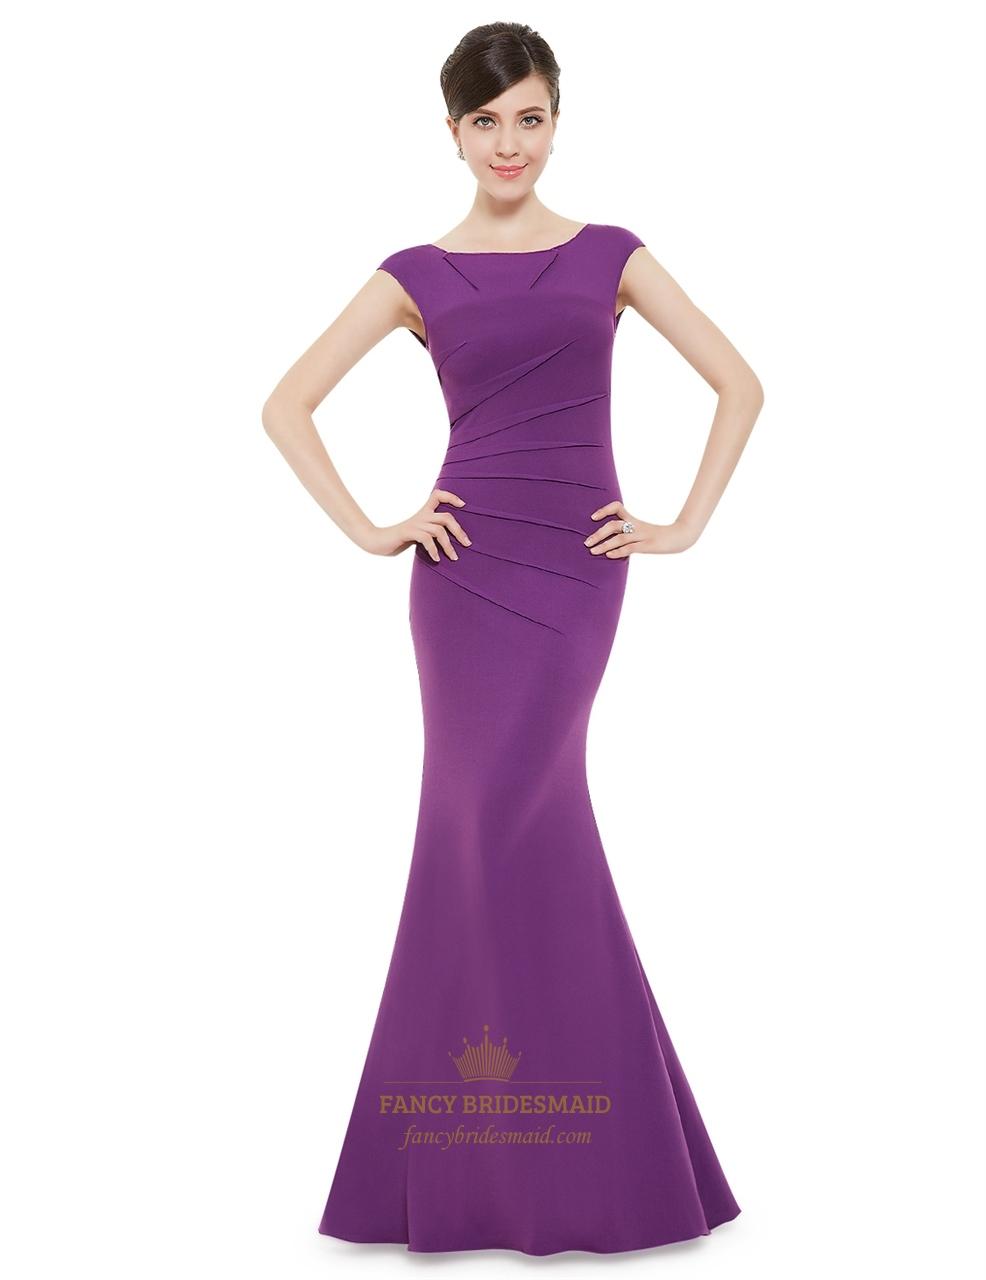 Elegant Royal Blue Cap Sleeves Mermaid Prom Dress With